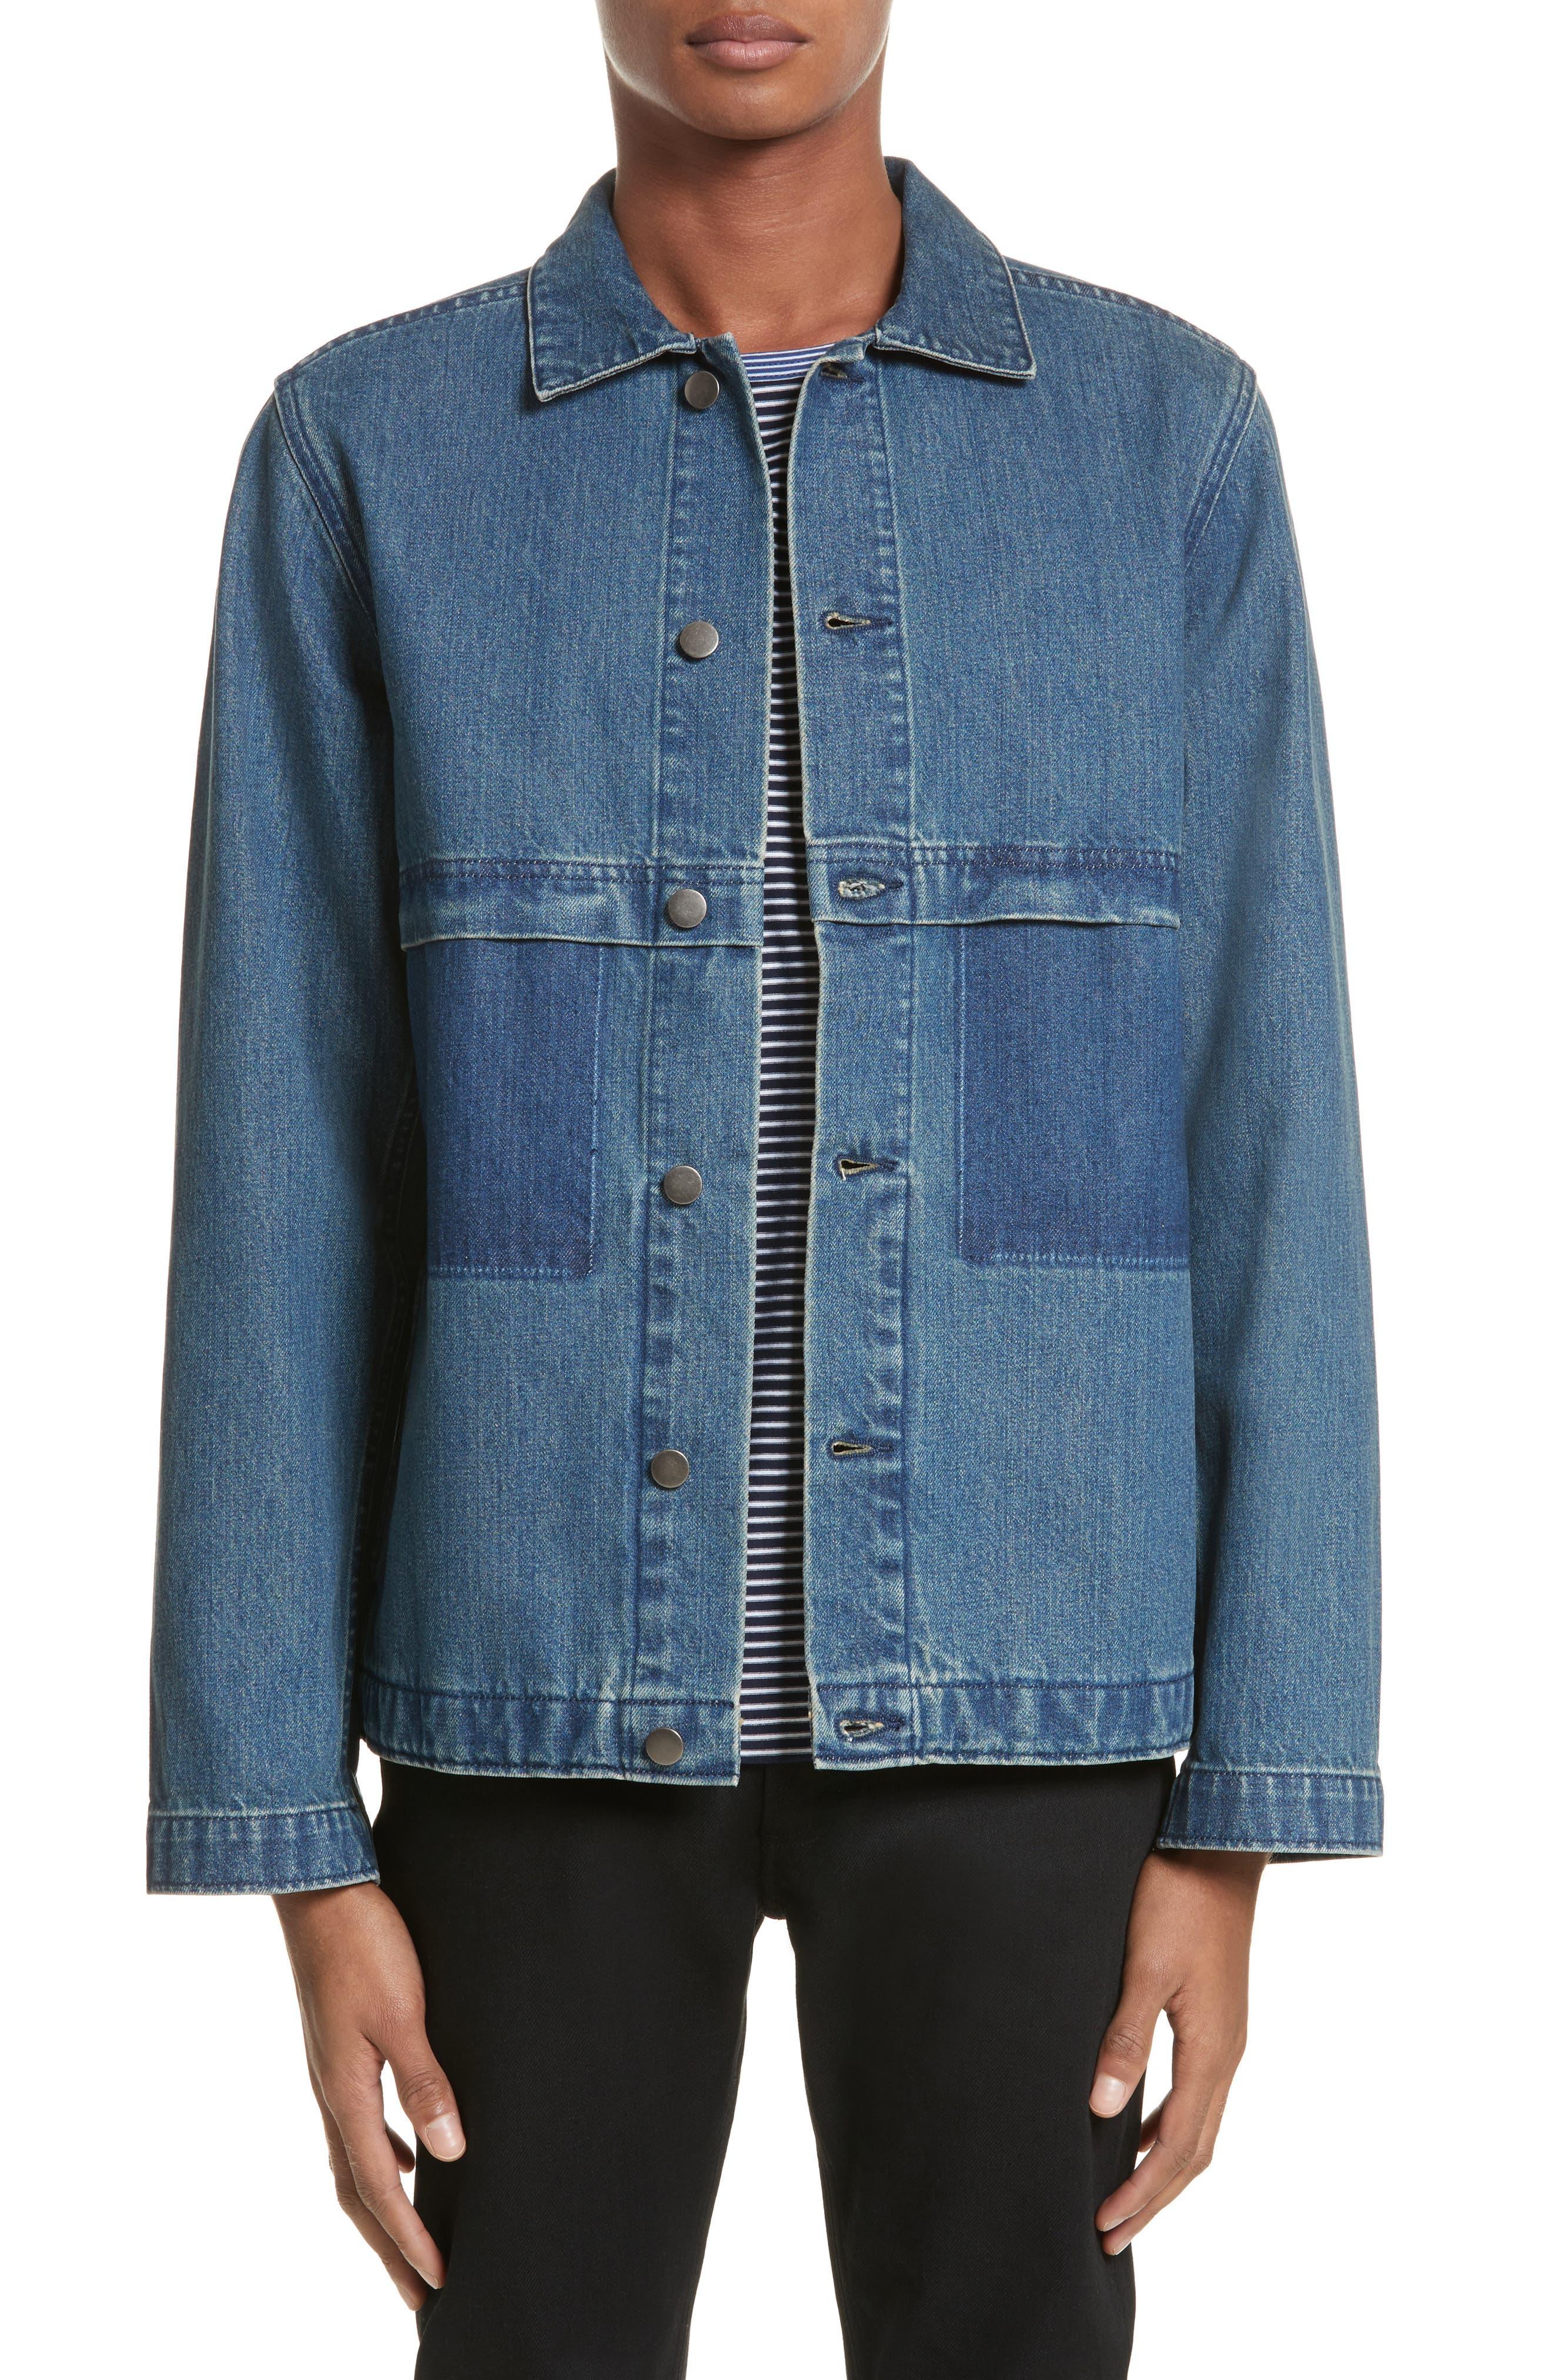 Smith Denim Jacket,                         Main,                         color, Indigo Delave Ial